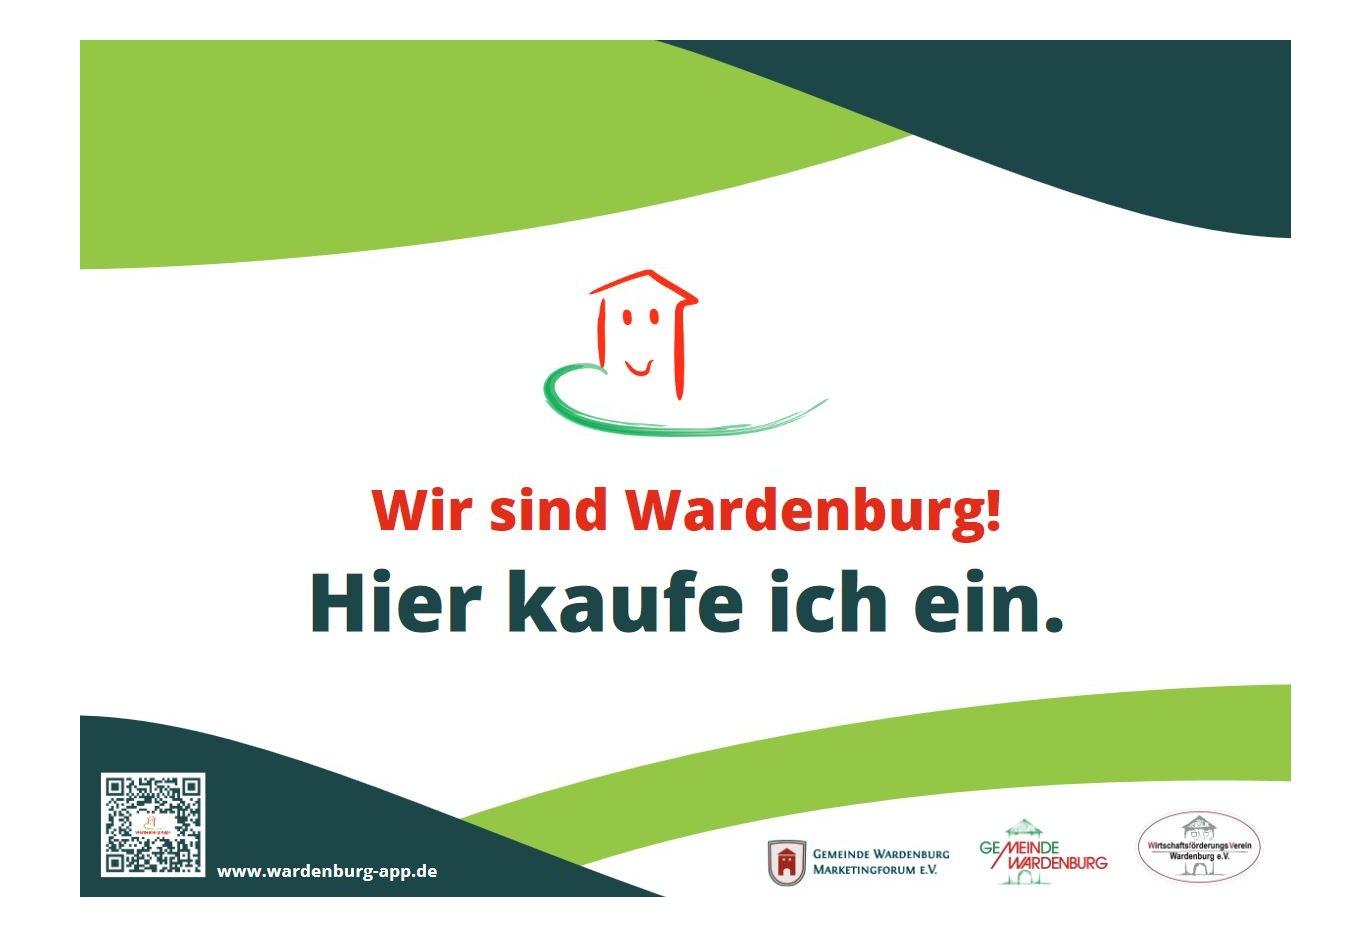 Wir sind Wardenburg - hier kaufe ich ein. Intiative zur Stärkung des Handels.